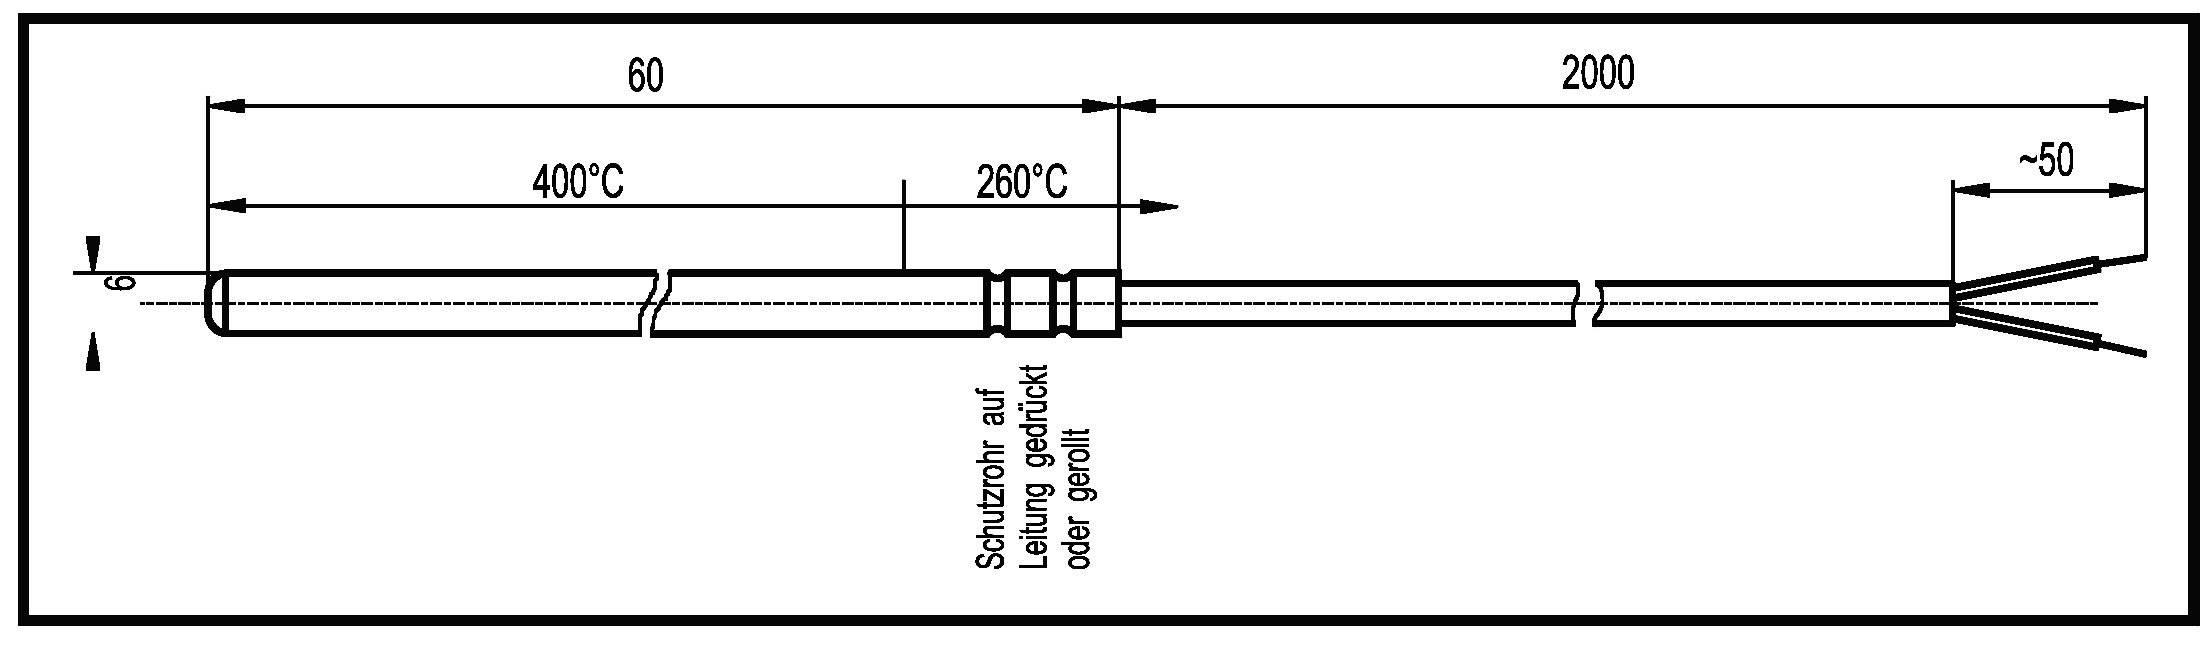 Termočlánek Enda K1-TC-J, -50 až 400 °C, délka kabelu 2 m, šířka čidla 6 mm